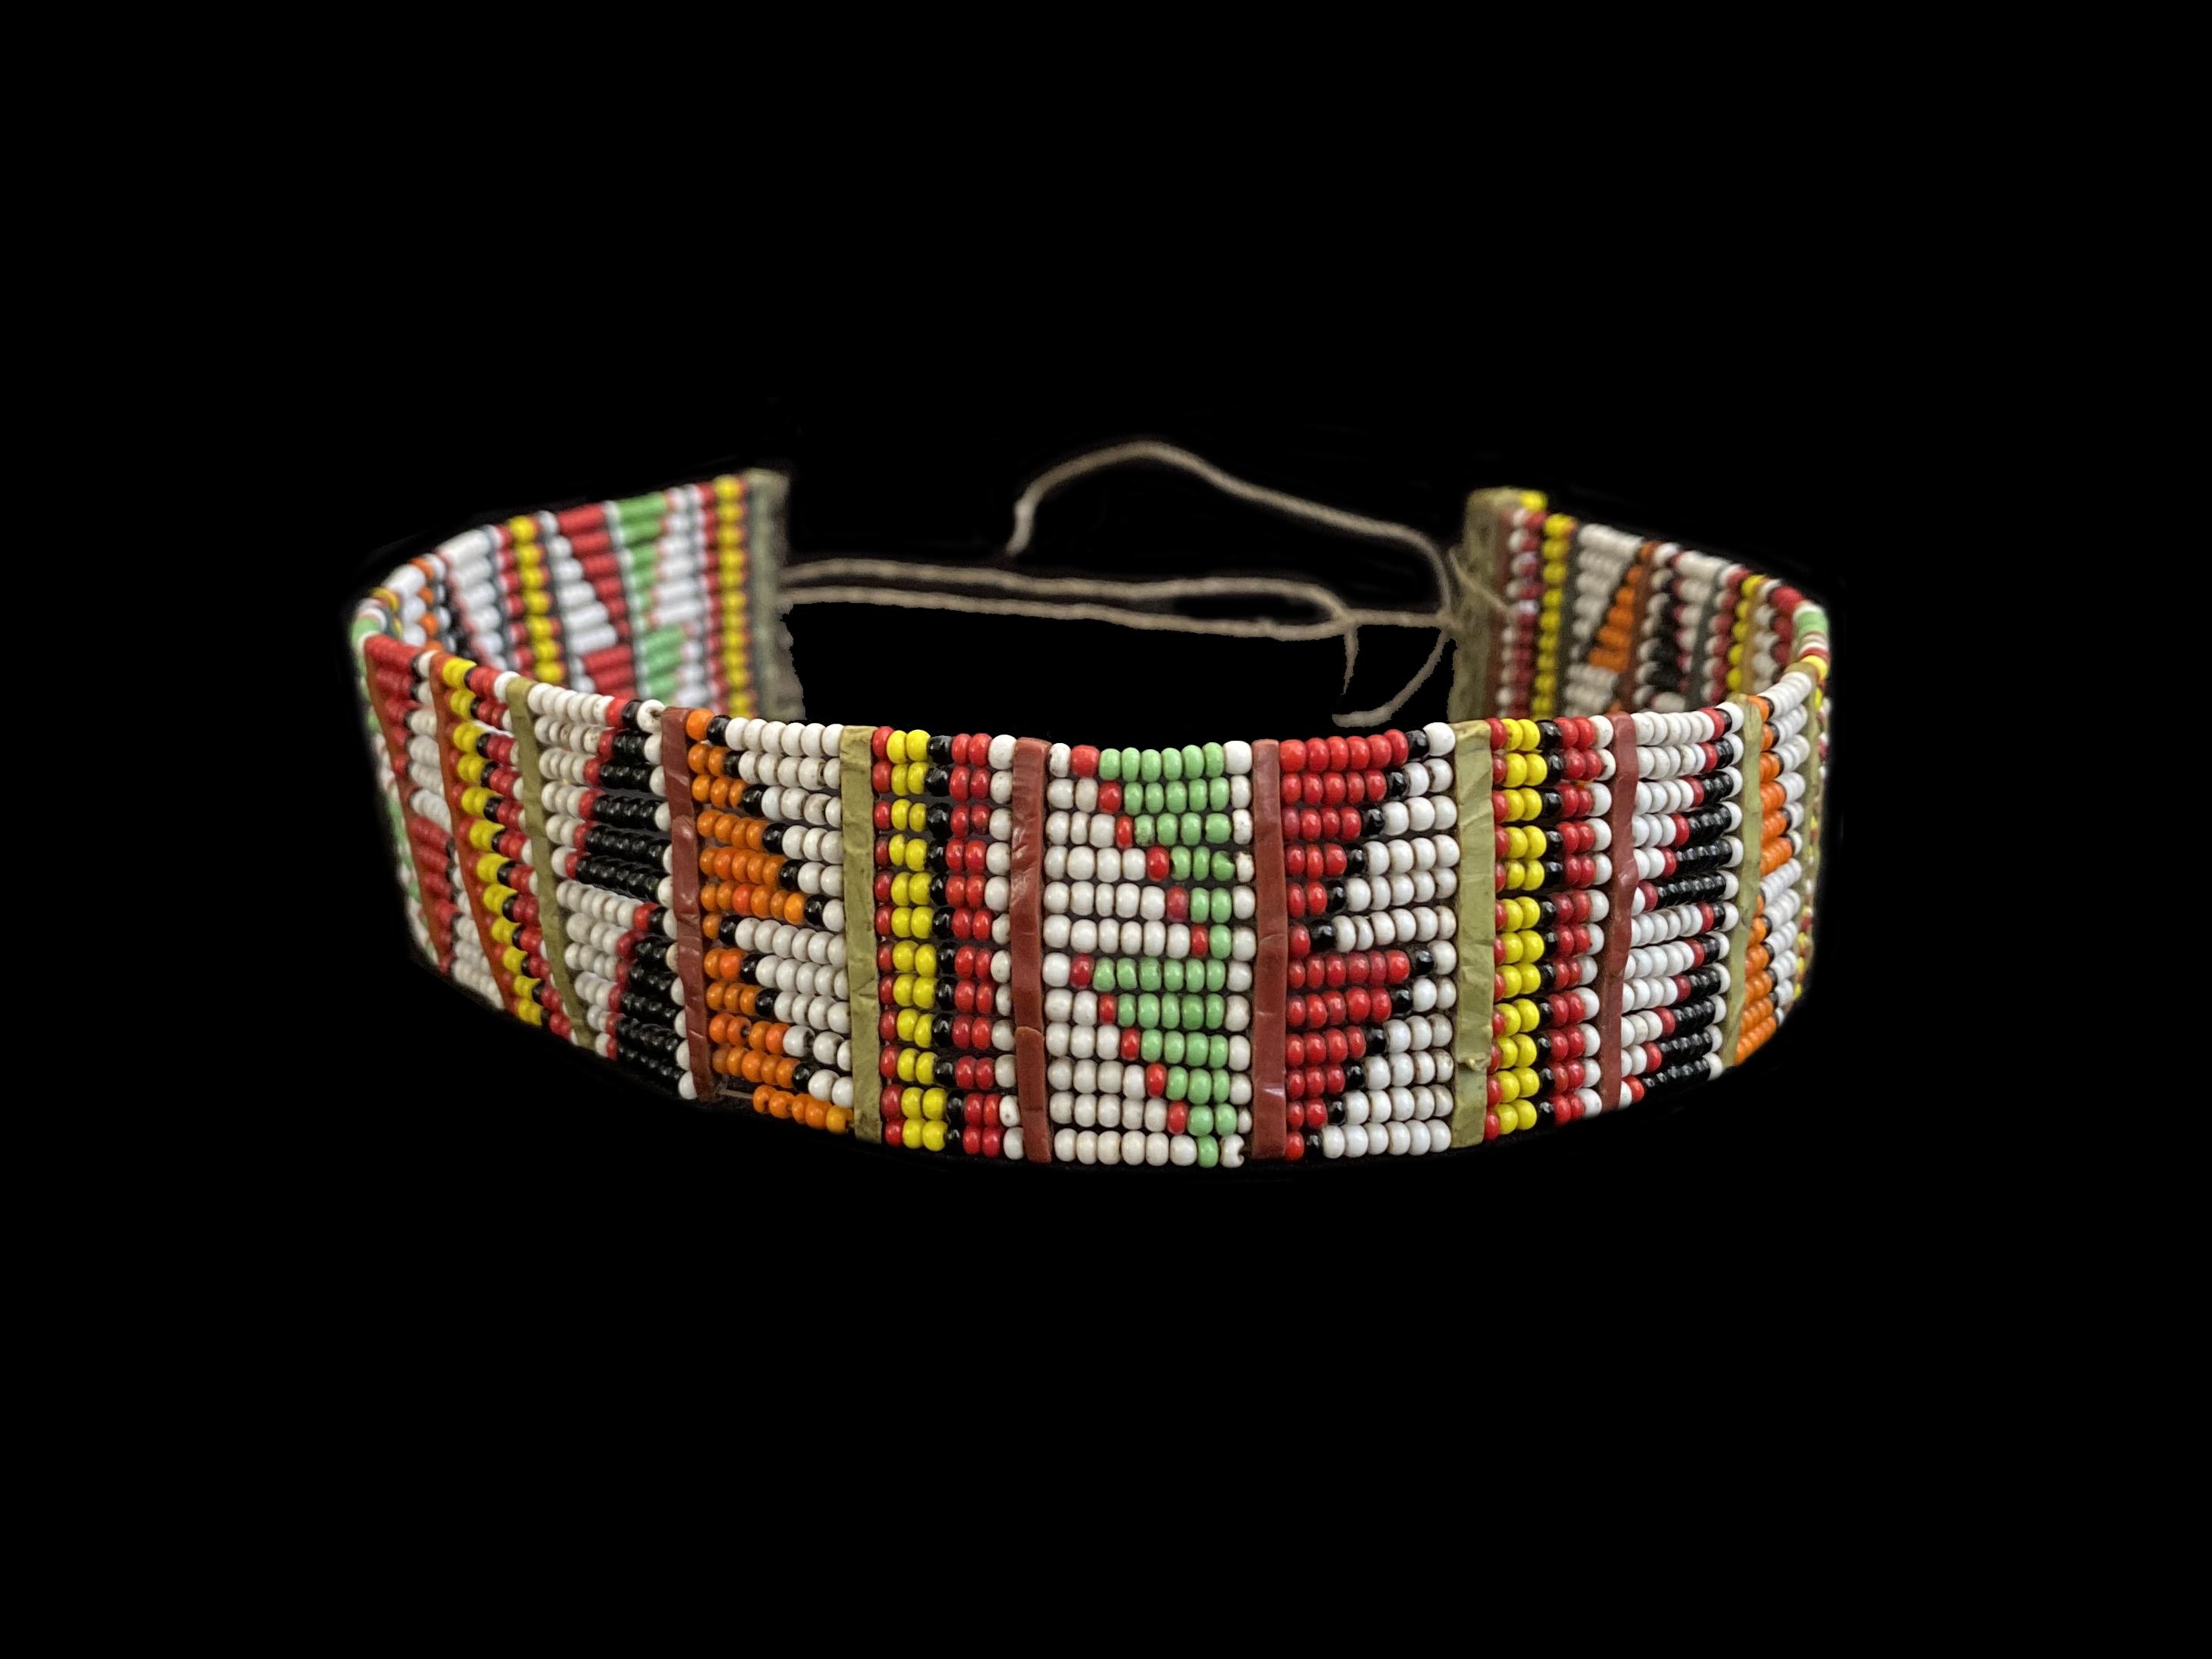 Beaded String Tie Choker - Maasai People, east Africa